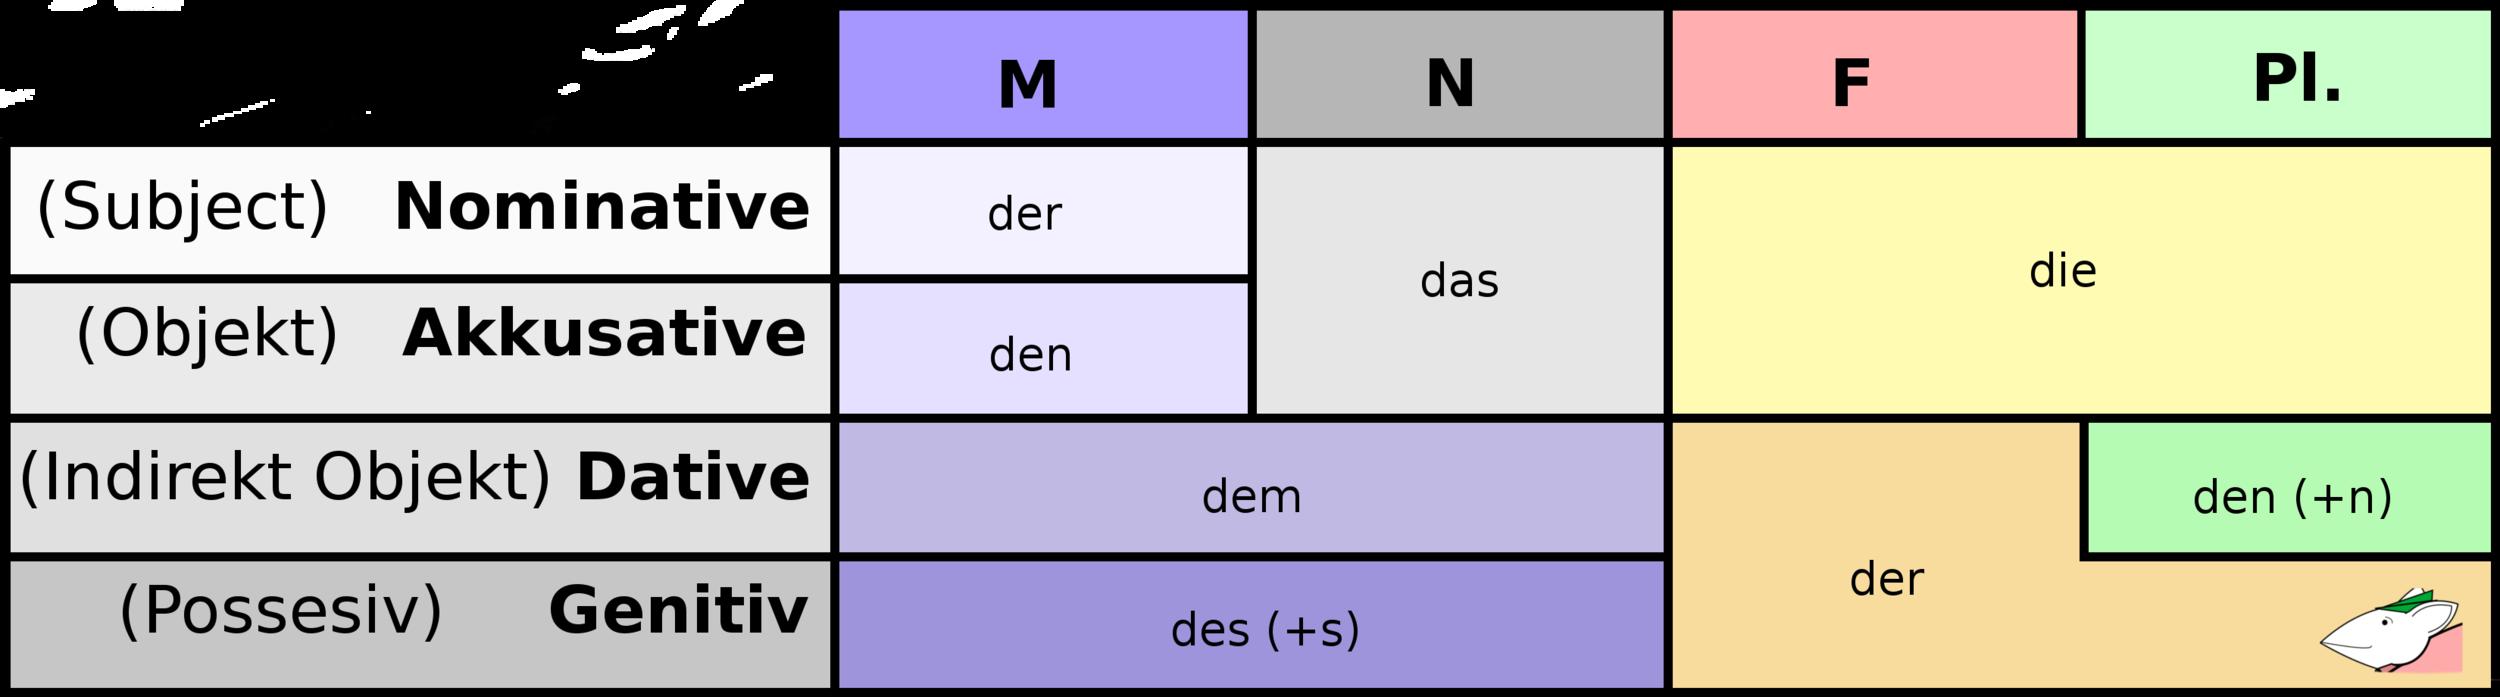 German Definite Articles